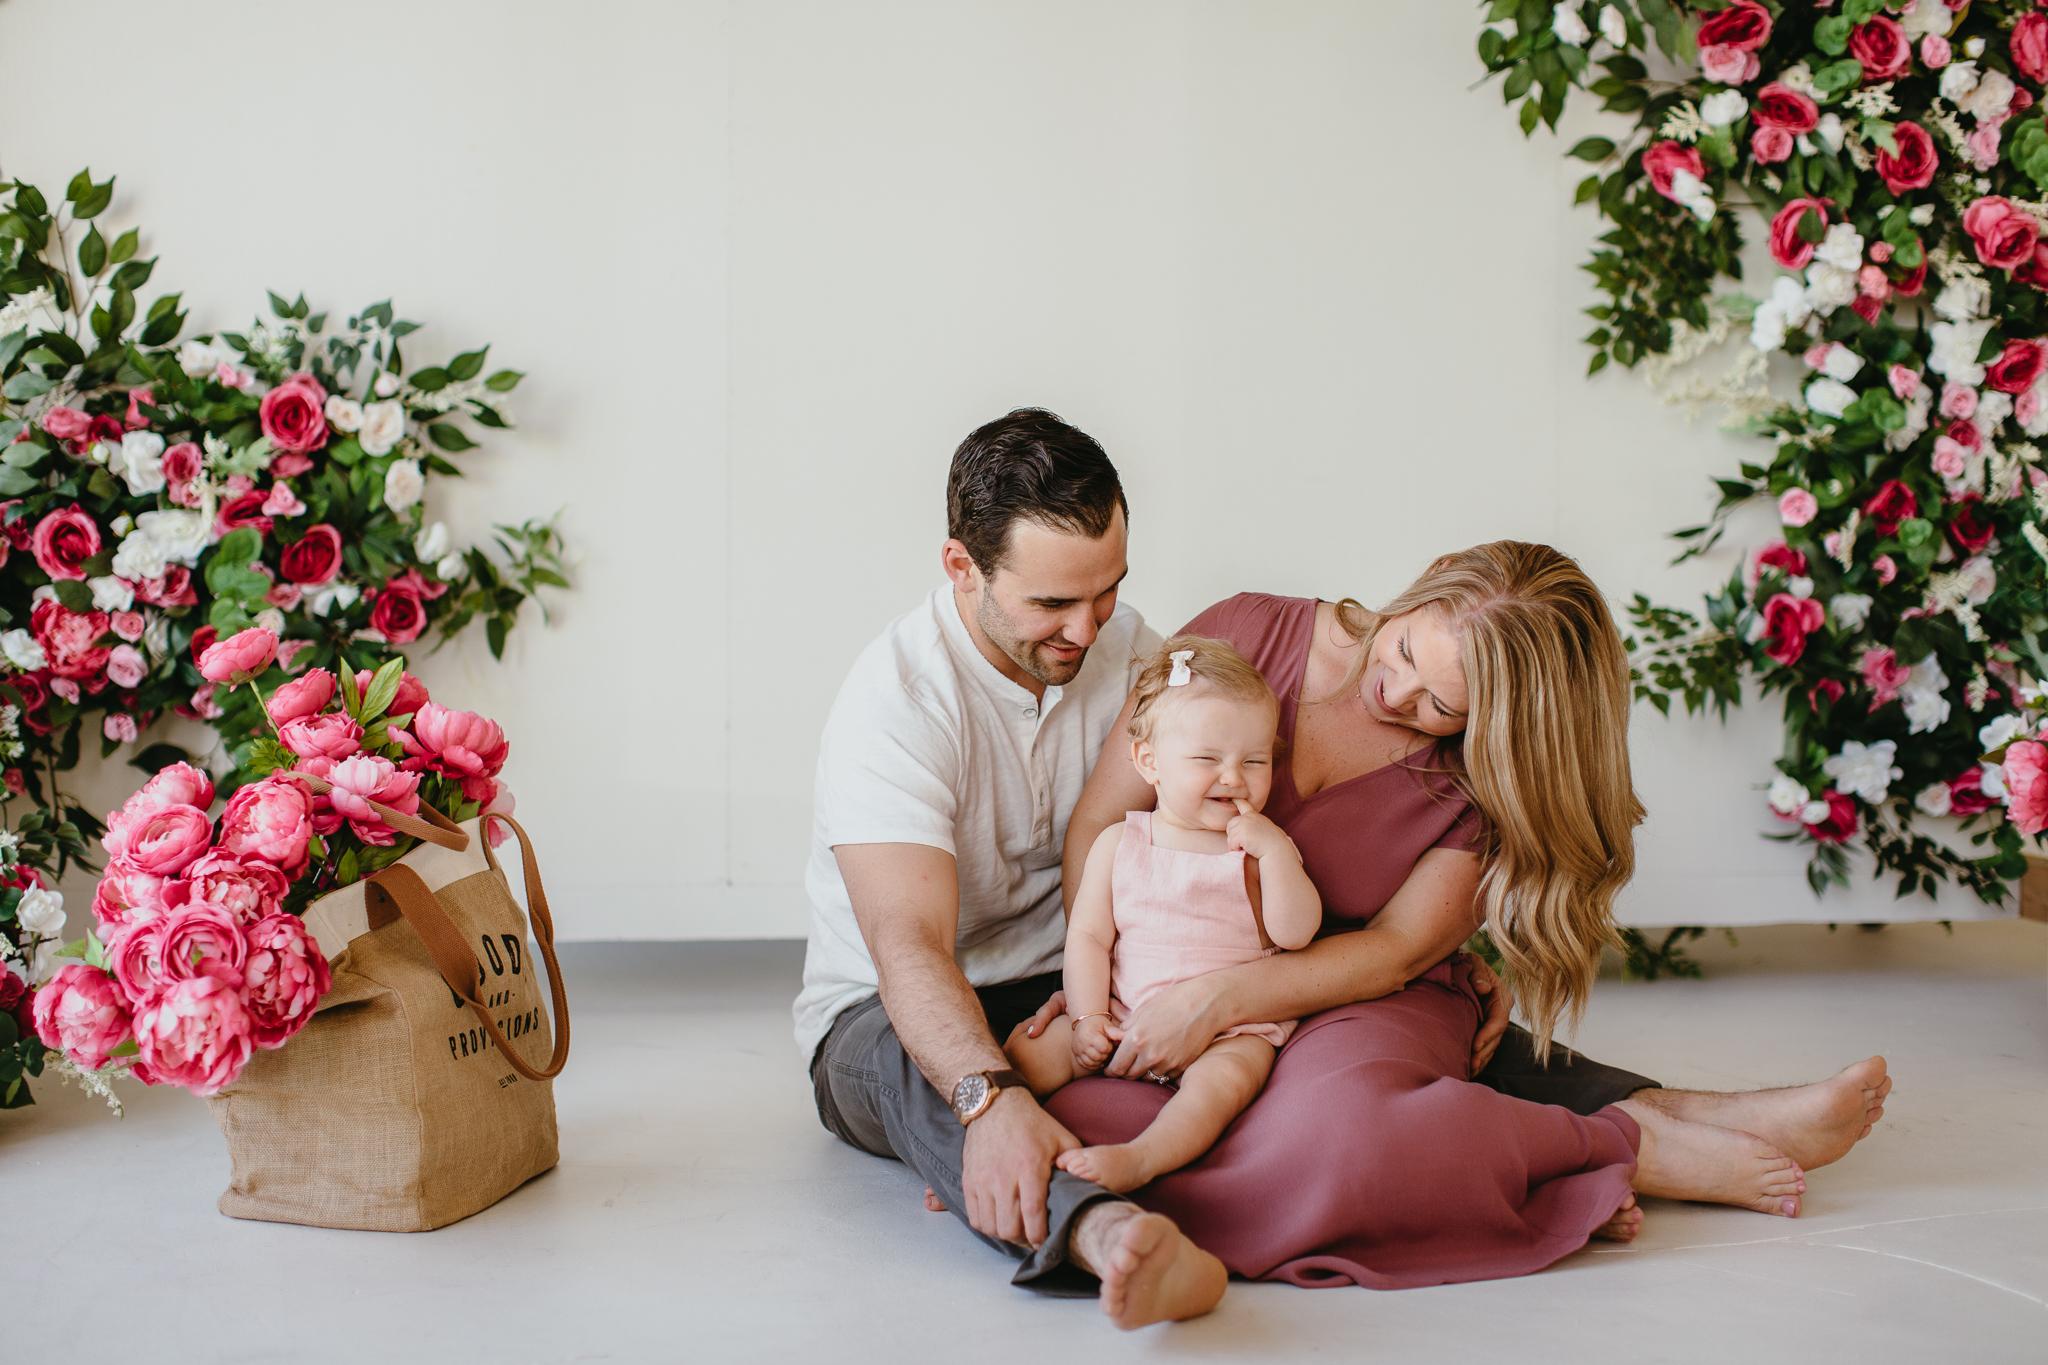 denver-family-photographer-photo-studio-4.jpg